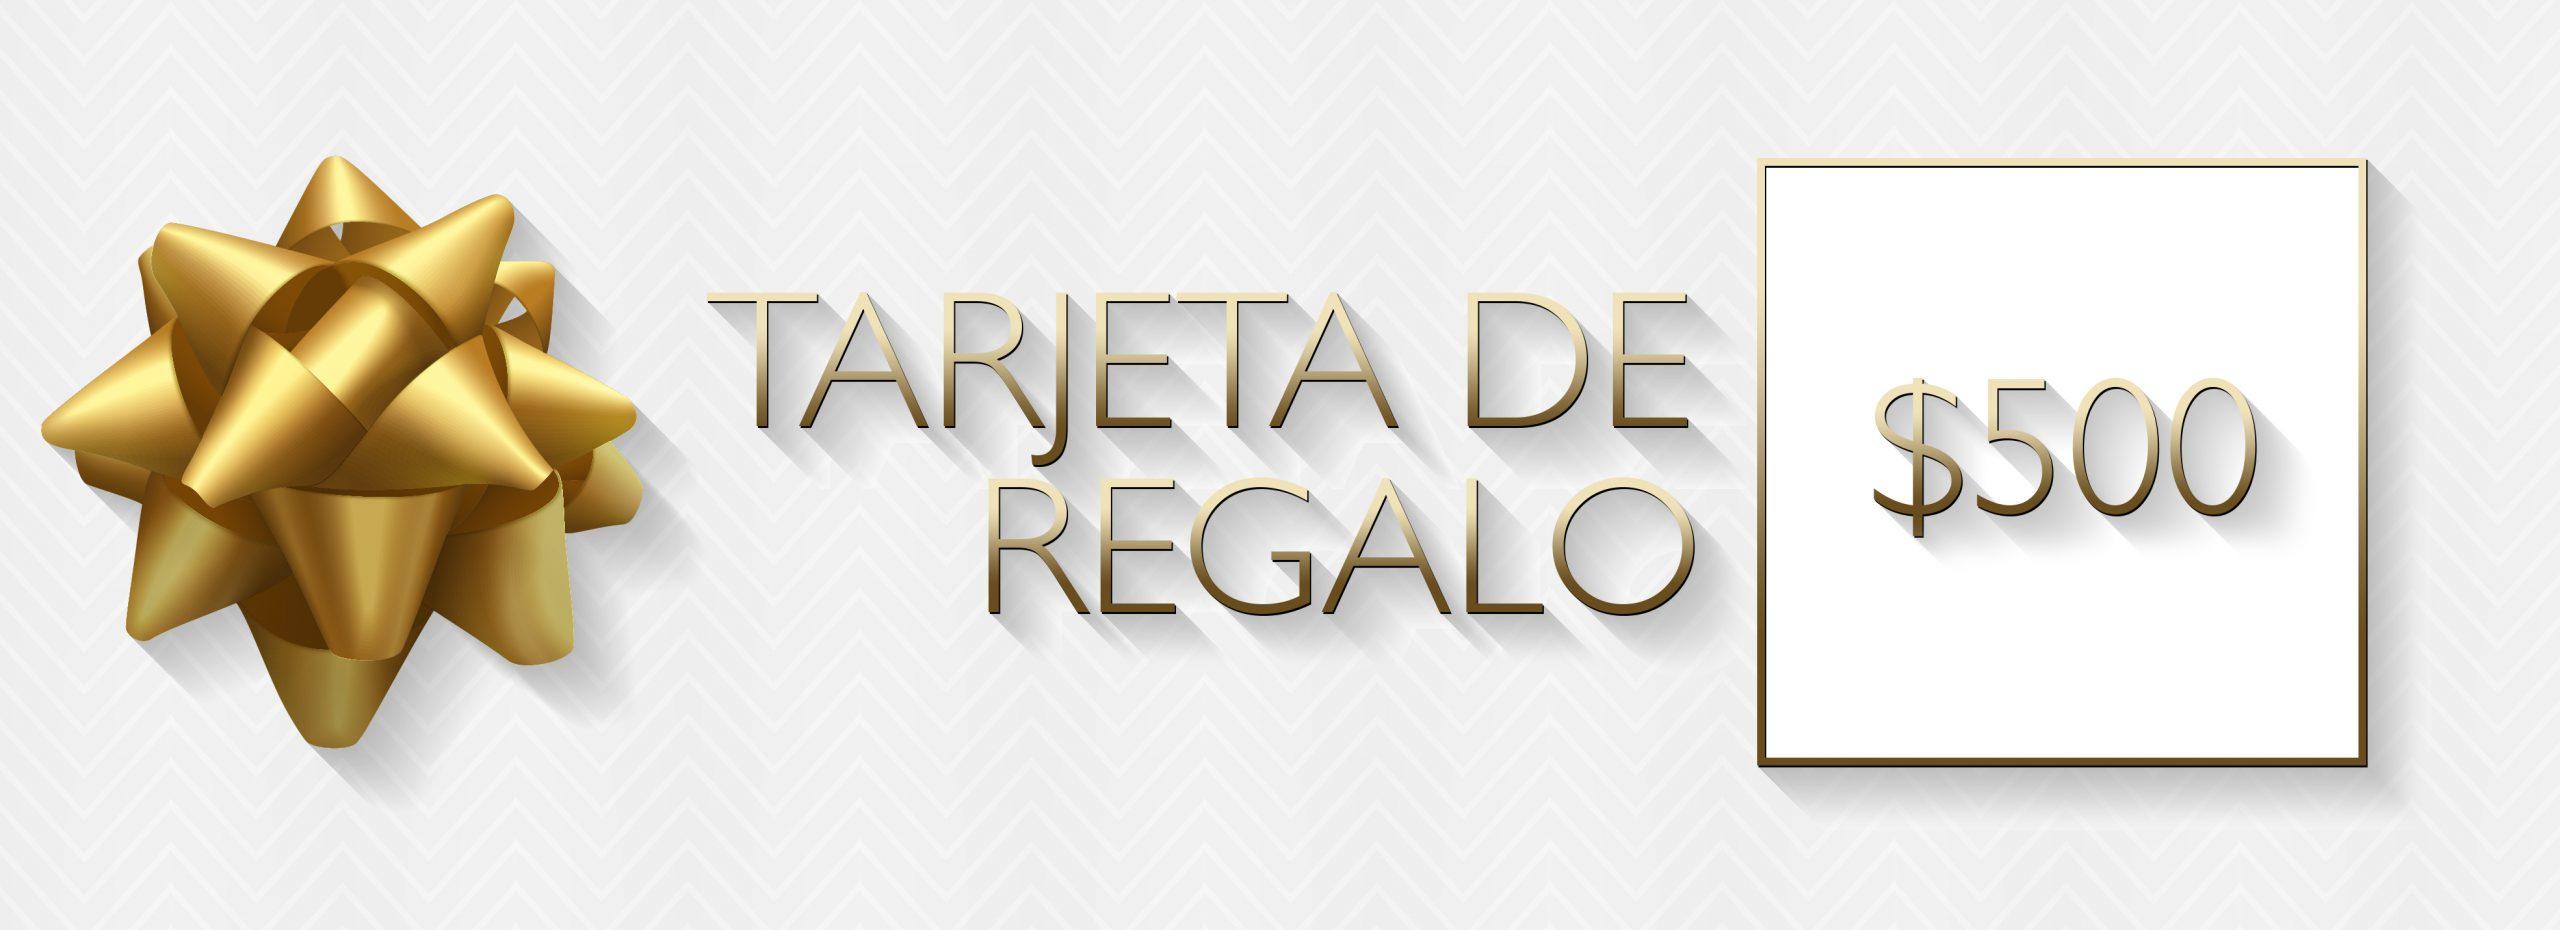 $500 Tarjeta de Regalo